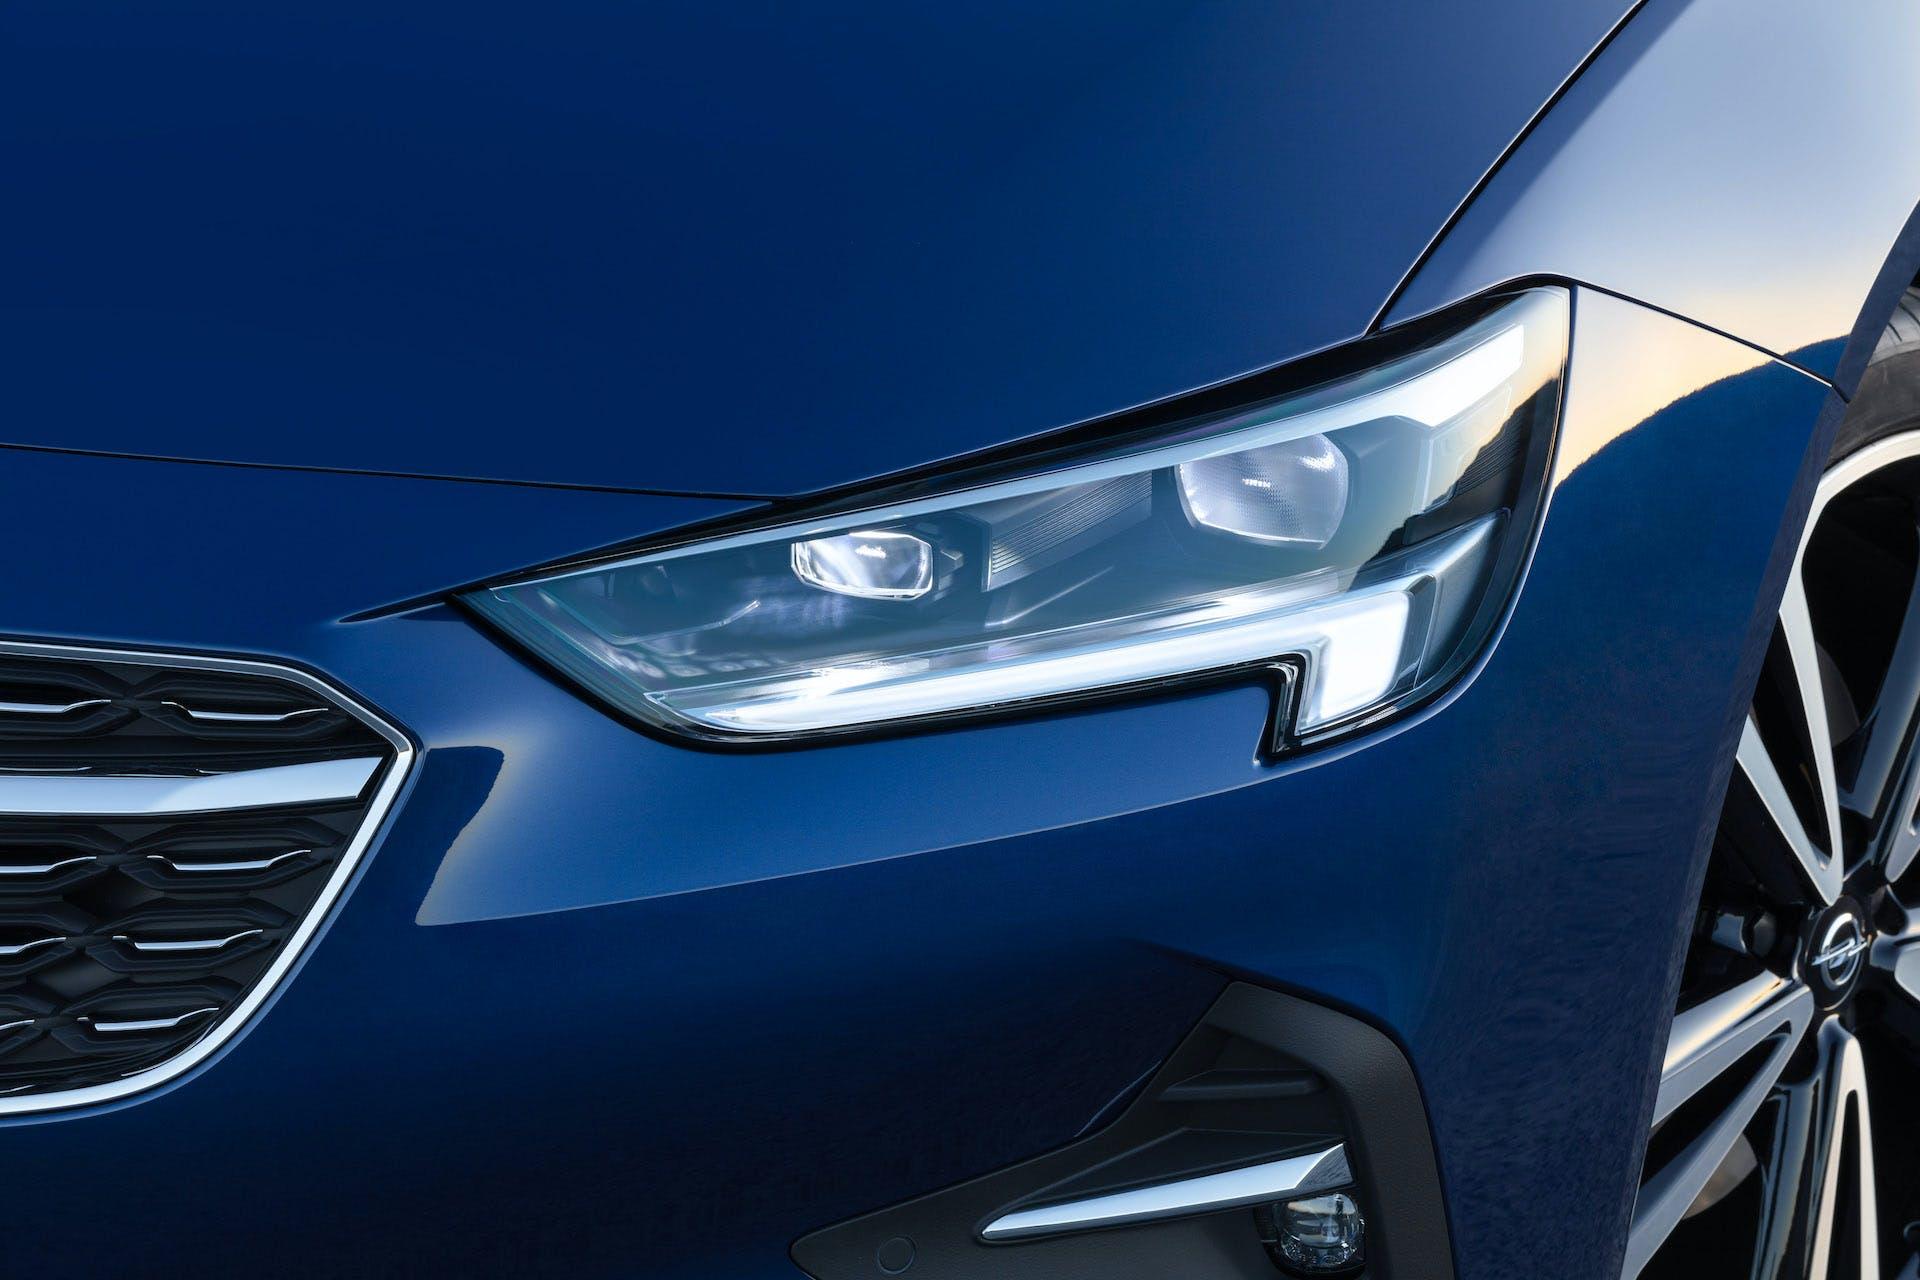 Opel-Insigna-dettaglio-fari-IntelliLux